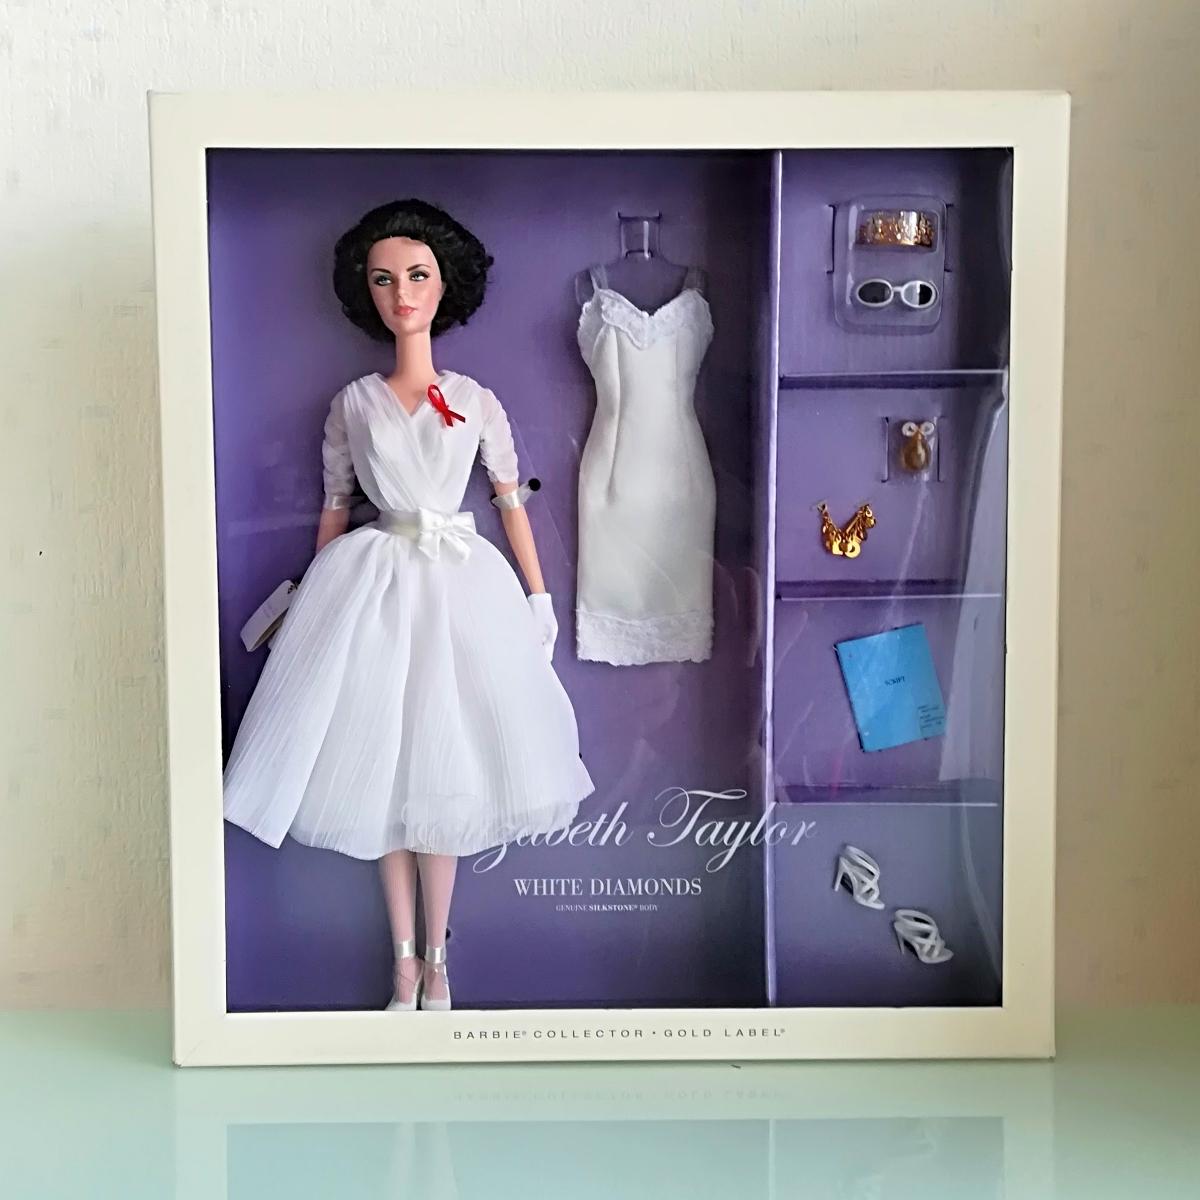 バービー人形 ホワイトダイヤモンド ゴールドラベル エリザベス・テイラー 女優 barbie collector gold label elizabeth taylor _画像1